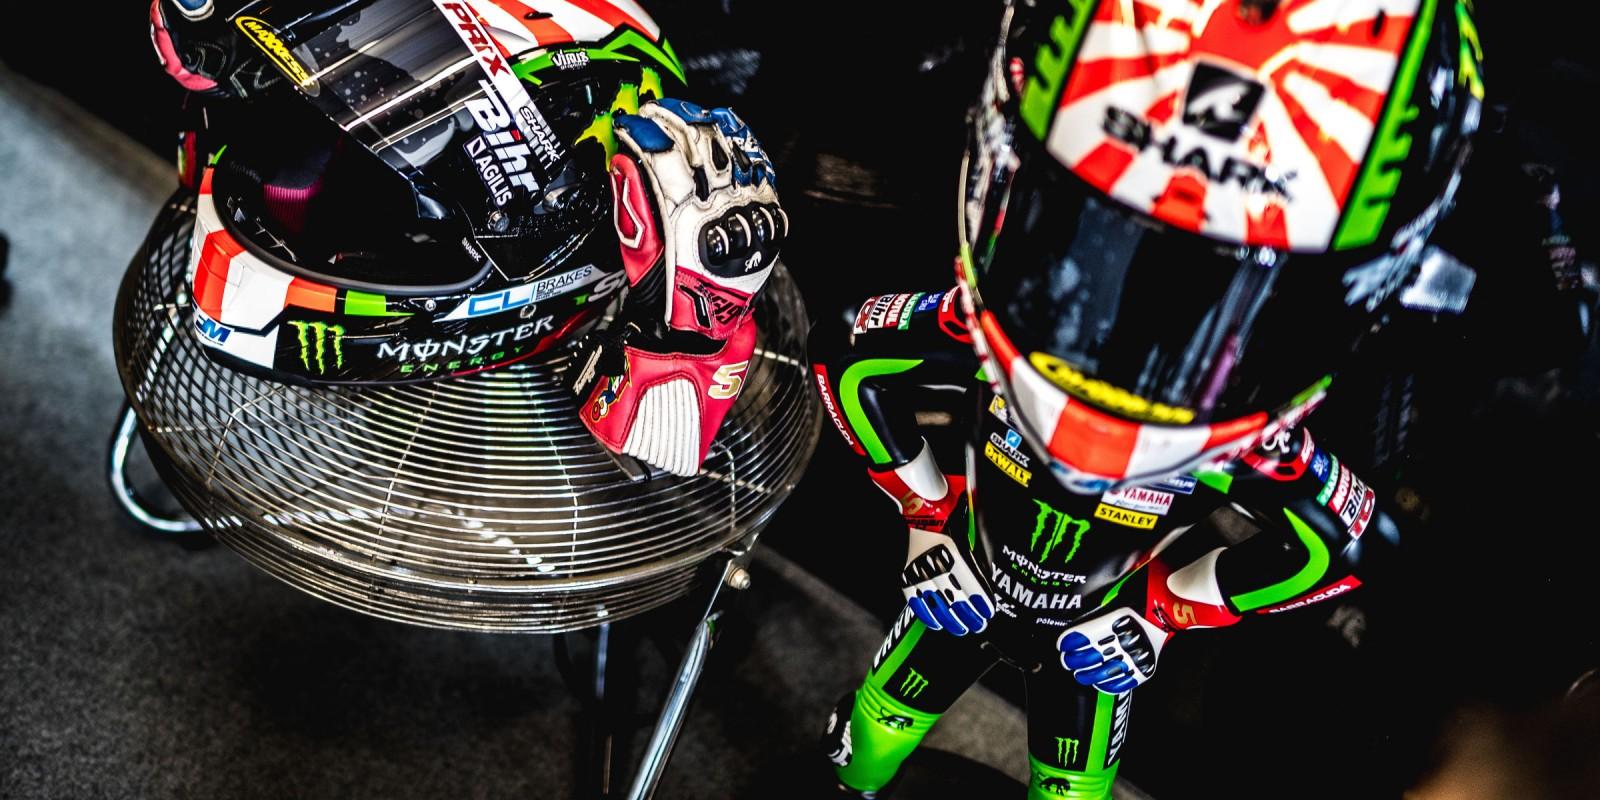 2017 Grand Prix of Czech Republic